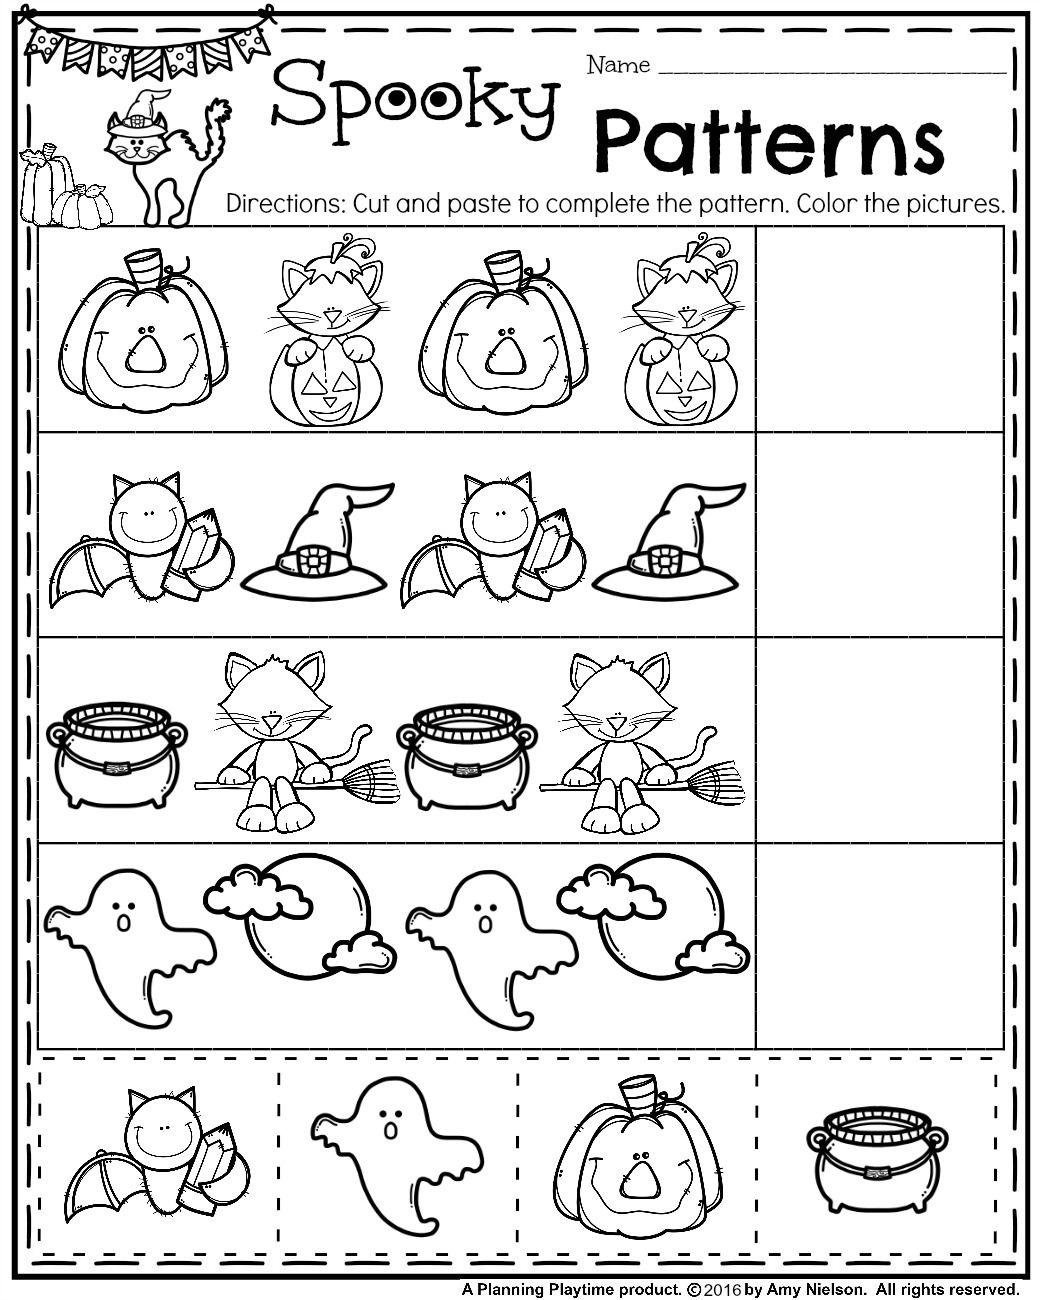 October Preschool Worksheets | Preschool Activities | Preschool | Preschool Halloween Worksheets Printables